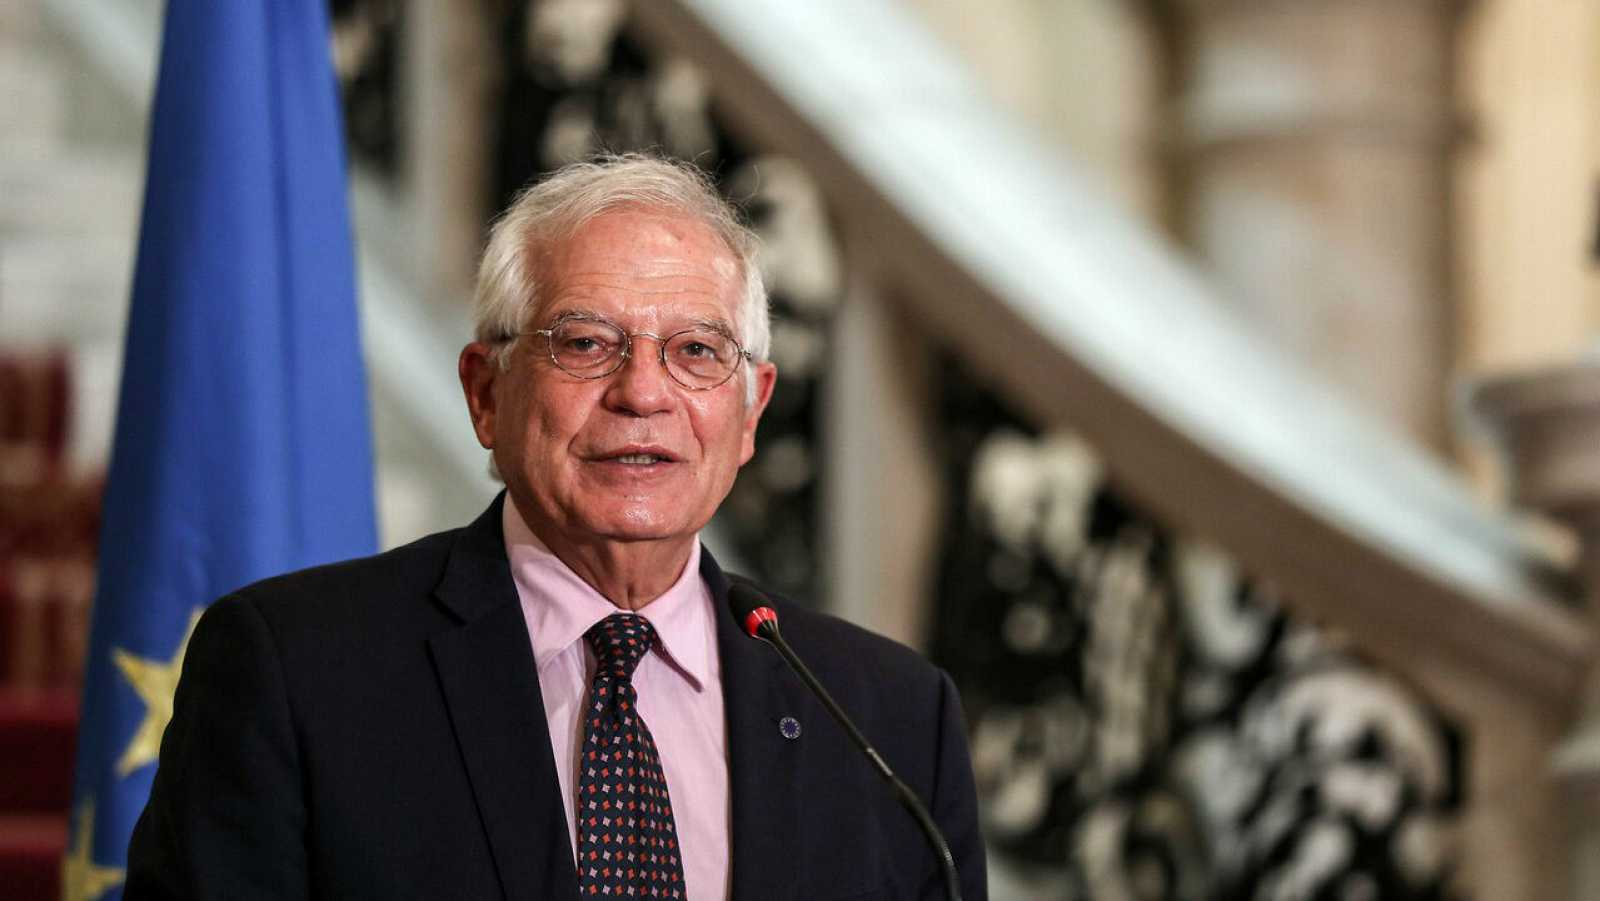 Josep Borrell, Alto Representante de la UE para Asuntos Exteriores y Política de Seguridad, habla durante una conferencia de prensa.